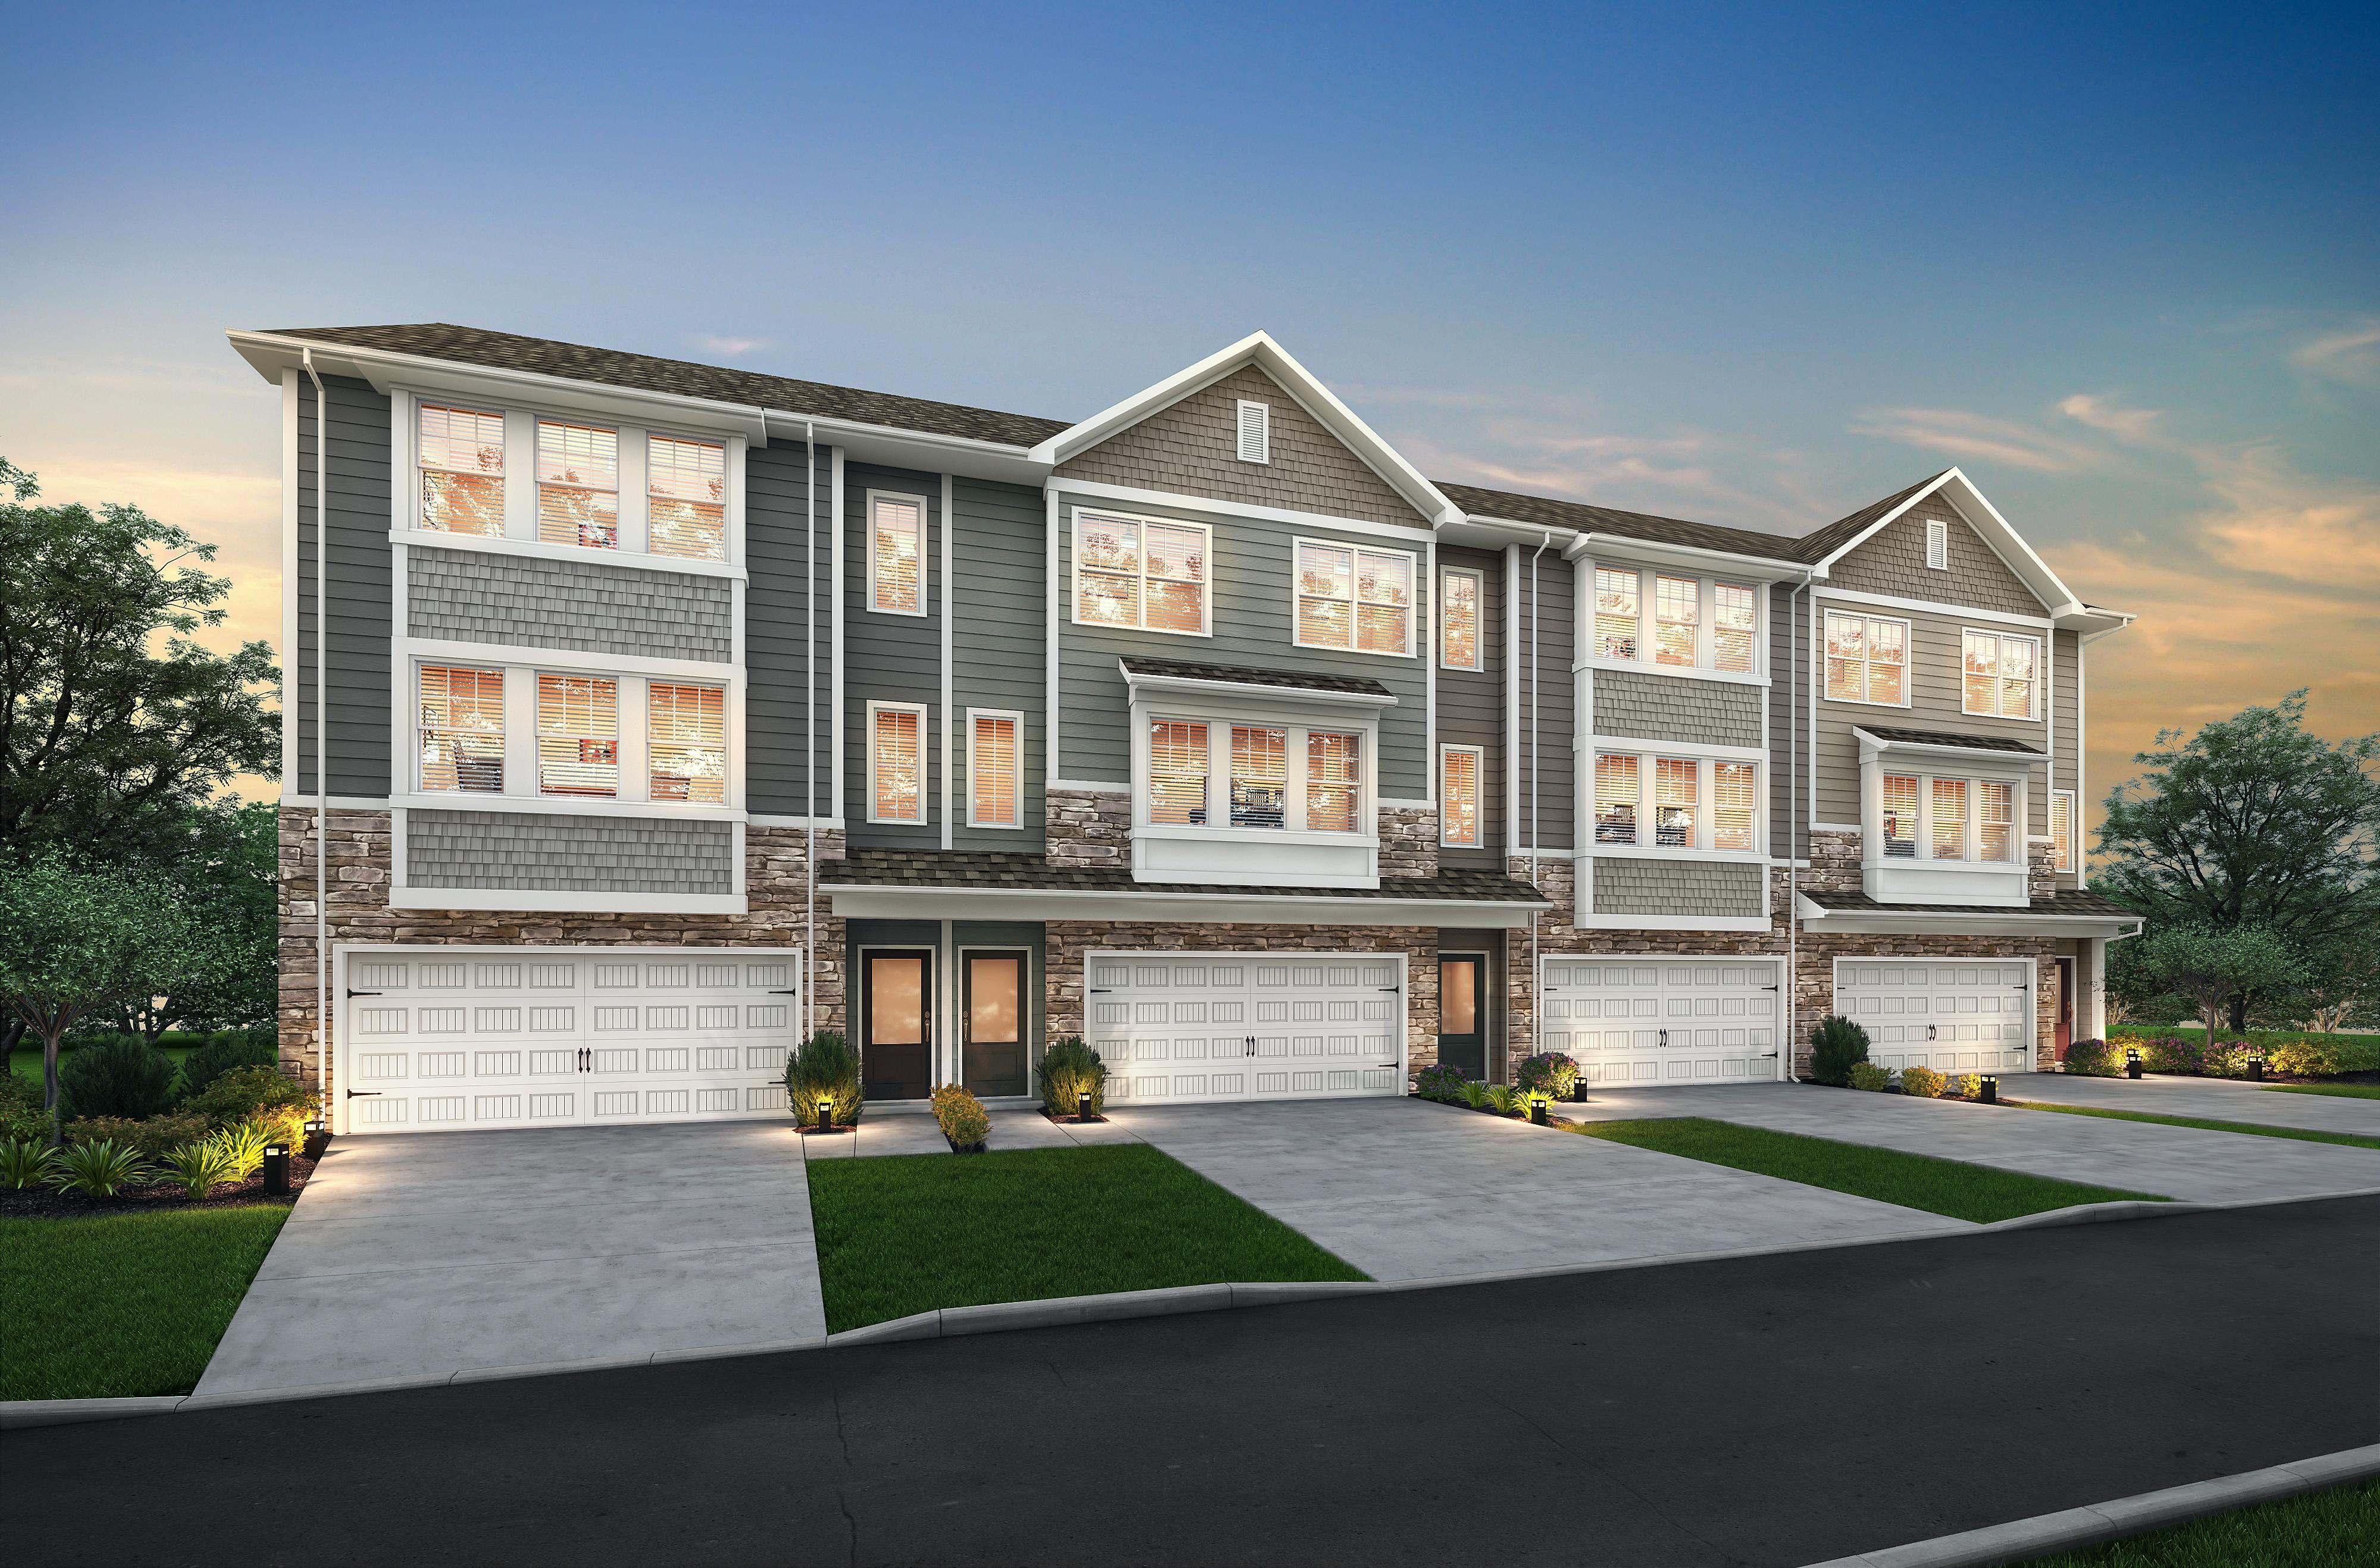 The Bradford plan by LGI Homes